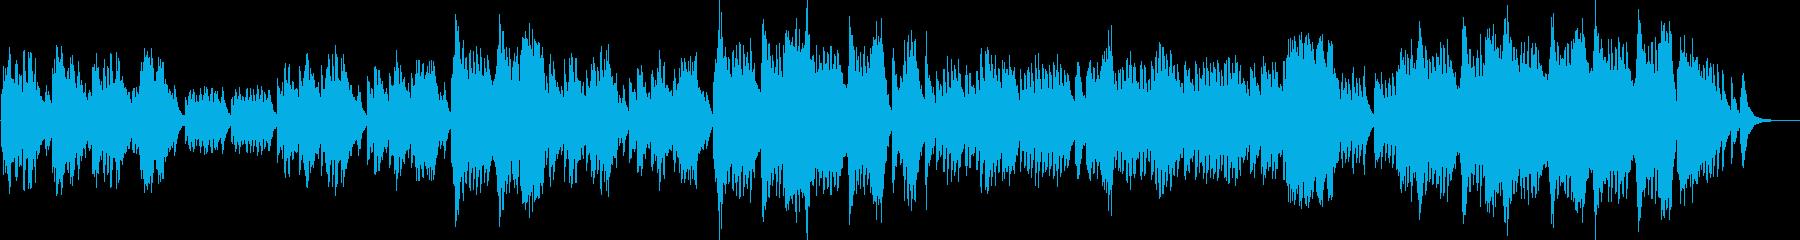 姫チックなワルツ・オルゴールソロの再生済みの波形